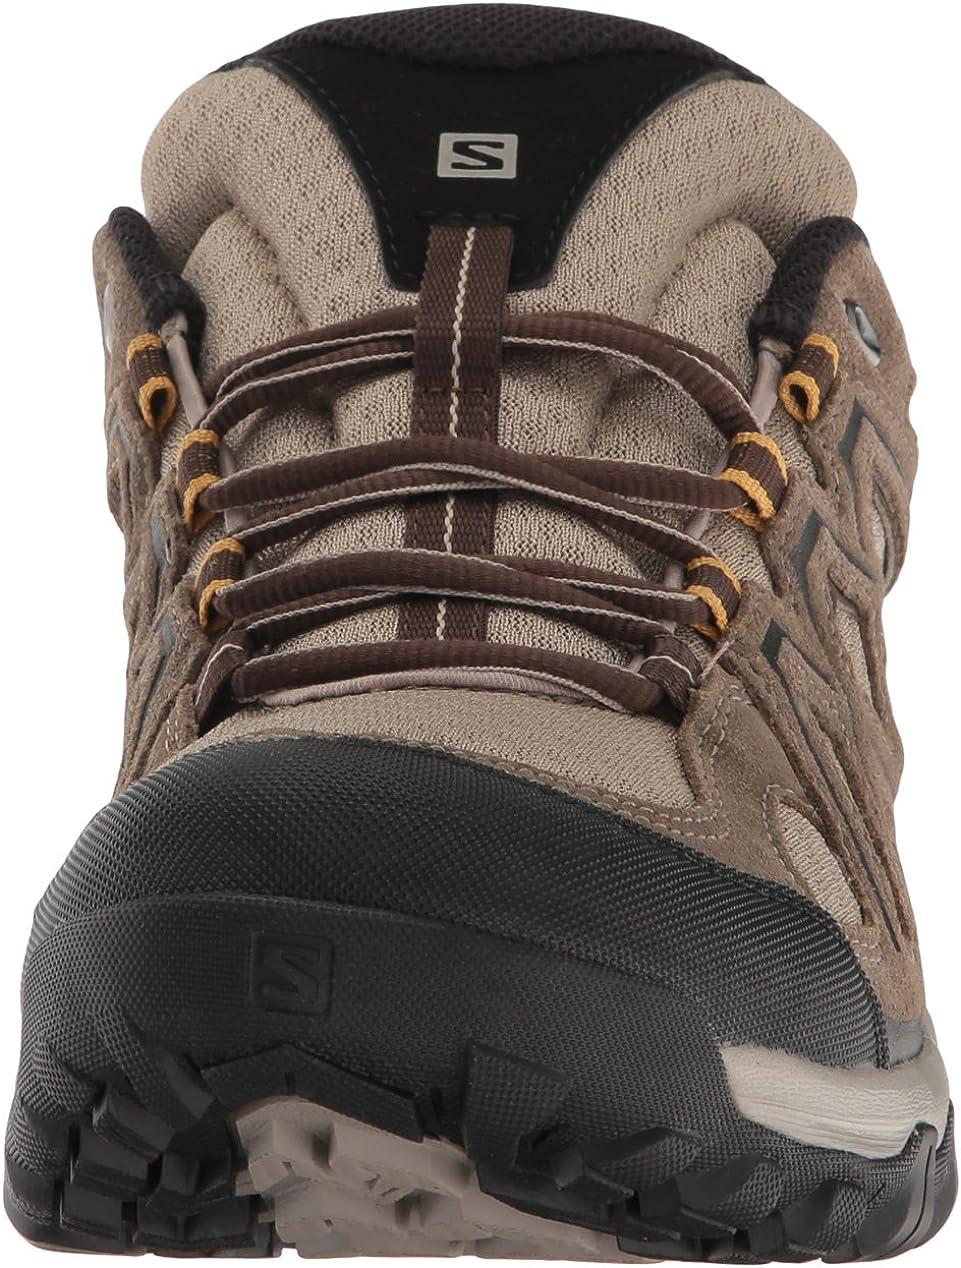 Salomon EVASION 2 AERO, Chaussures de Randonnée Basses Homme Noir (BlackMagnetAlloy), 42 EU